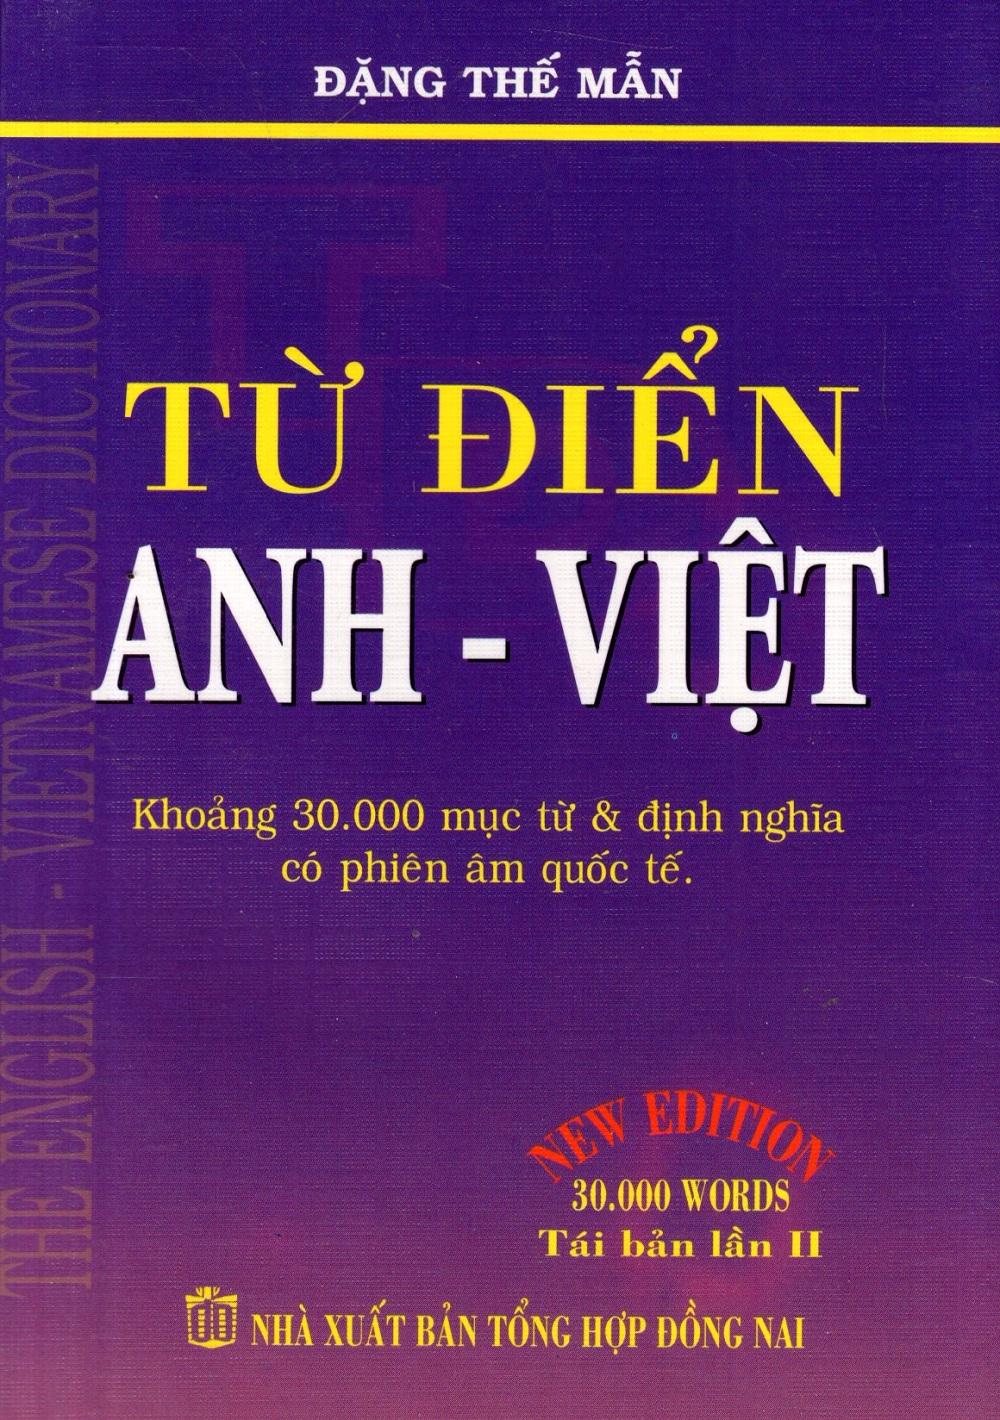 Bìa sách Từ Điển Anh - Việt (Khoảng 30.000 Từ) - Sách Bỏ Túi